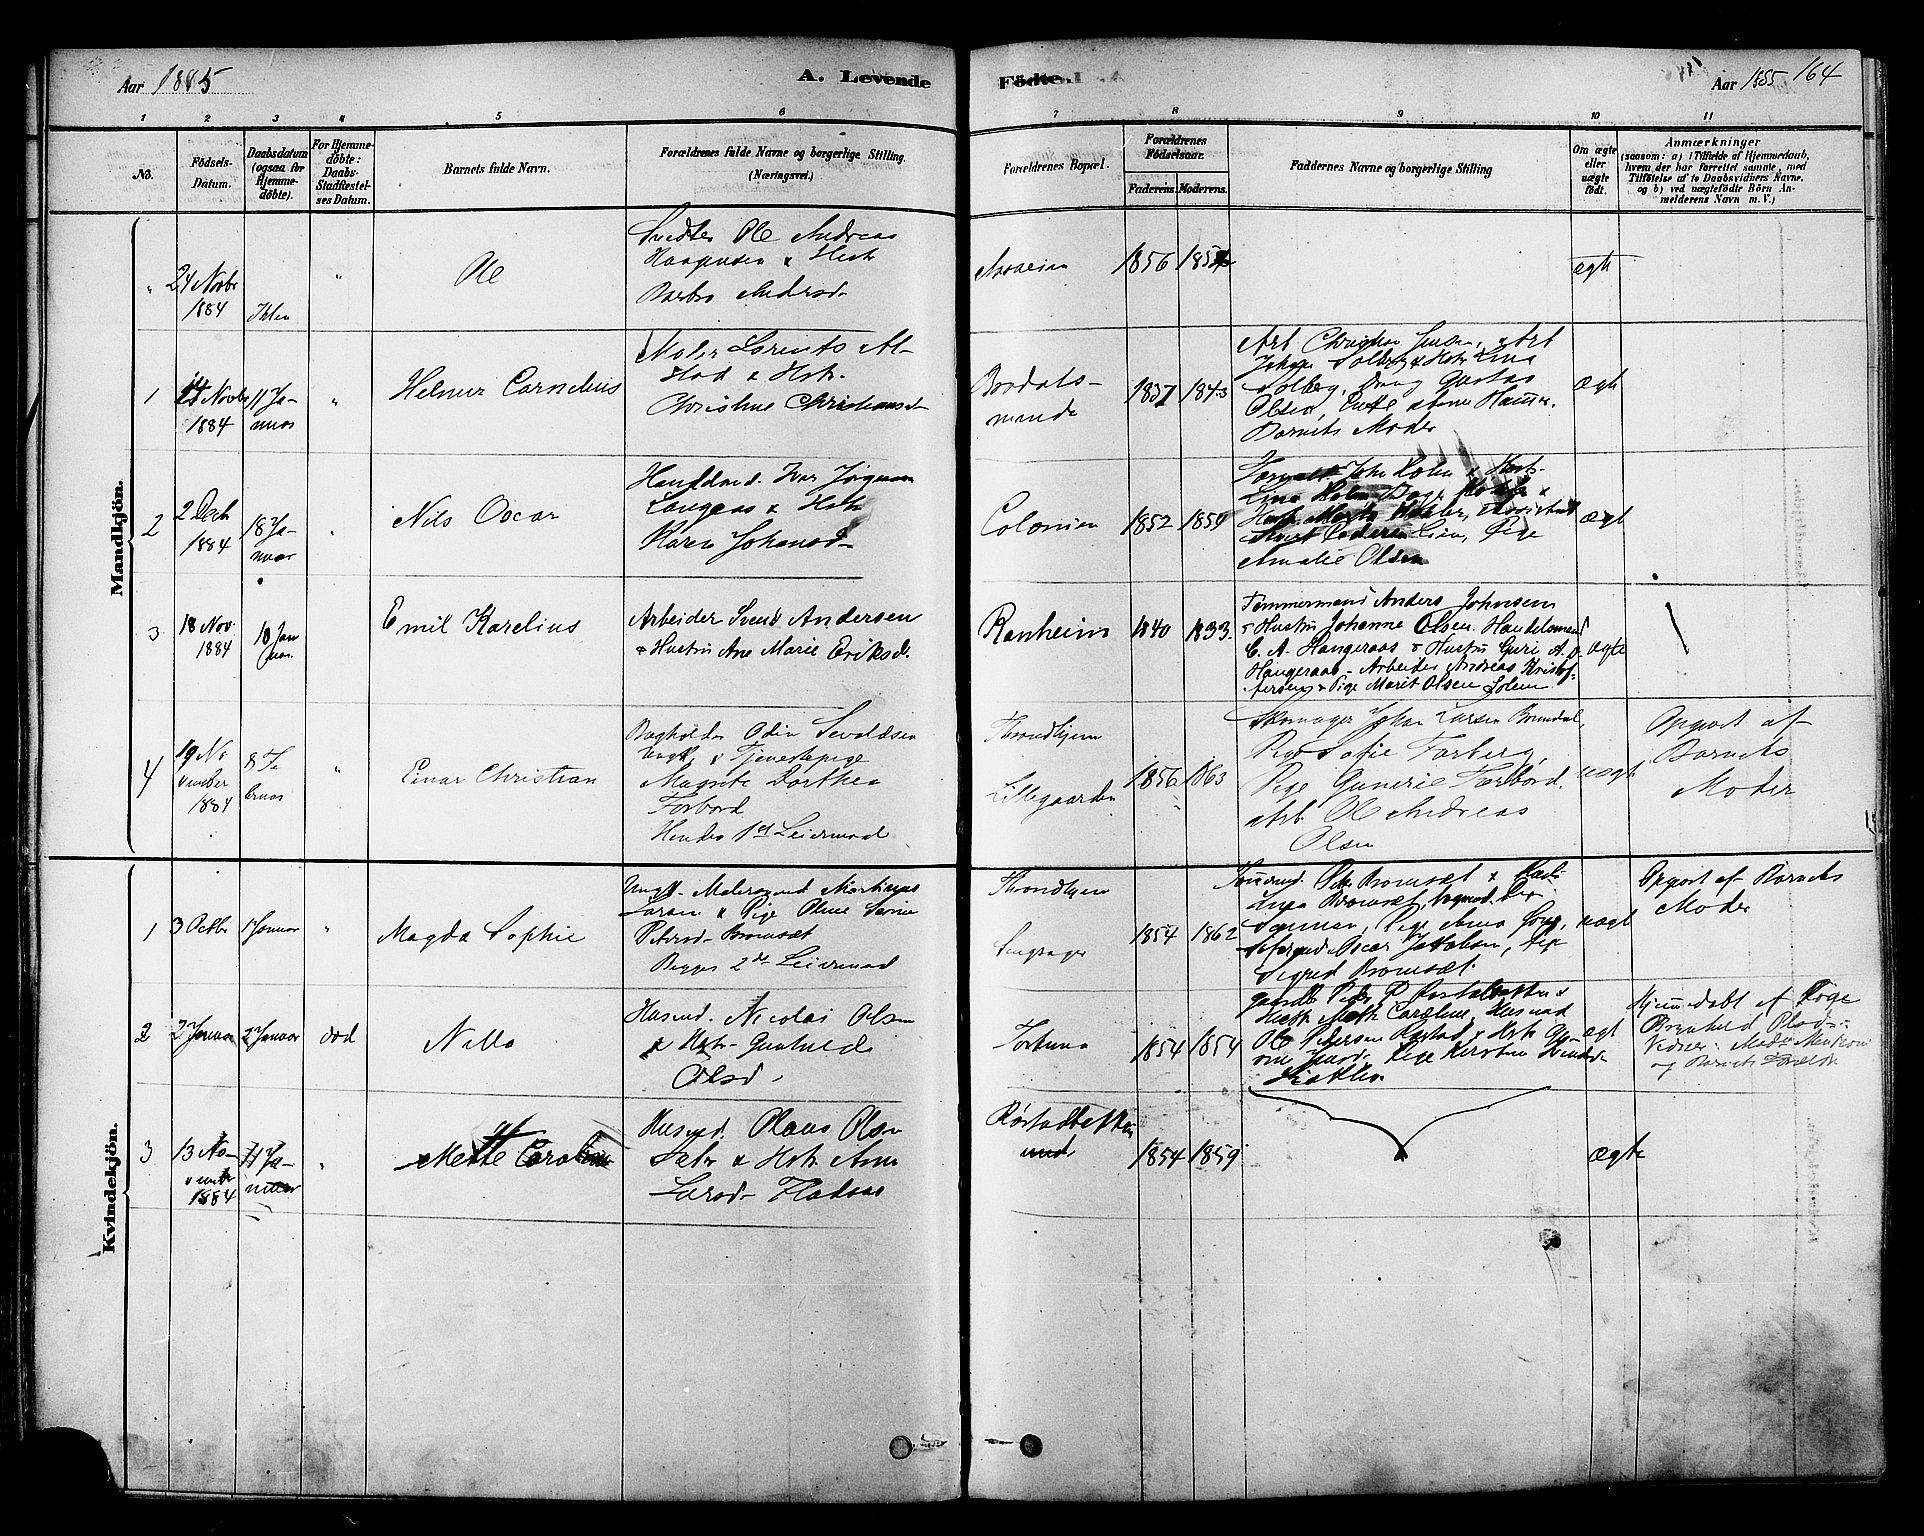 SAT, Ministerialprotokoller, klokkerbøker og fødselsregistre - Sør-Trøndelag, 606/L0294: Ministerialbok nr. 606A09, 1878-1886, s. 164